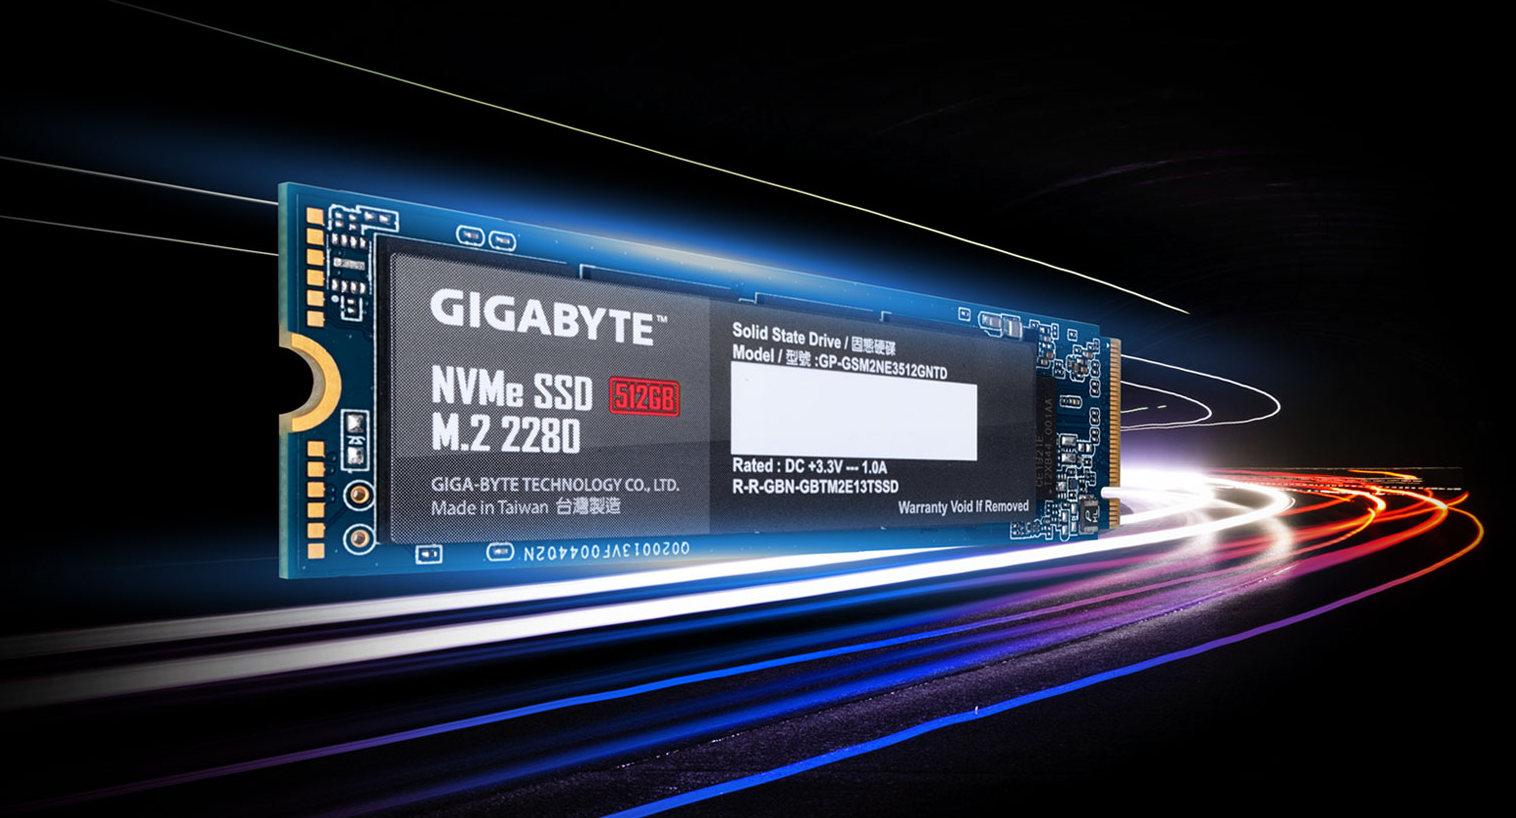 GIGABYTE SSD NVMe 512GB M.2 2280 Gen 3x4 GP-GSM2NE8512GNTD